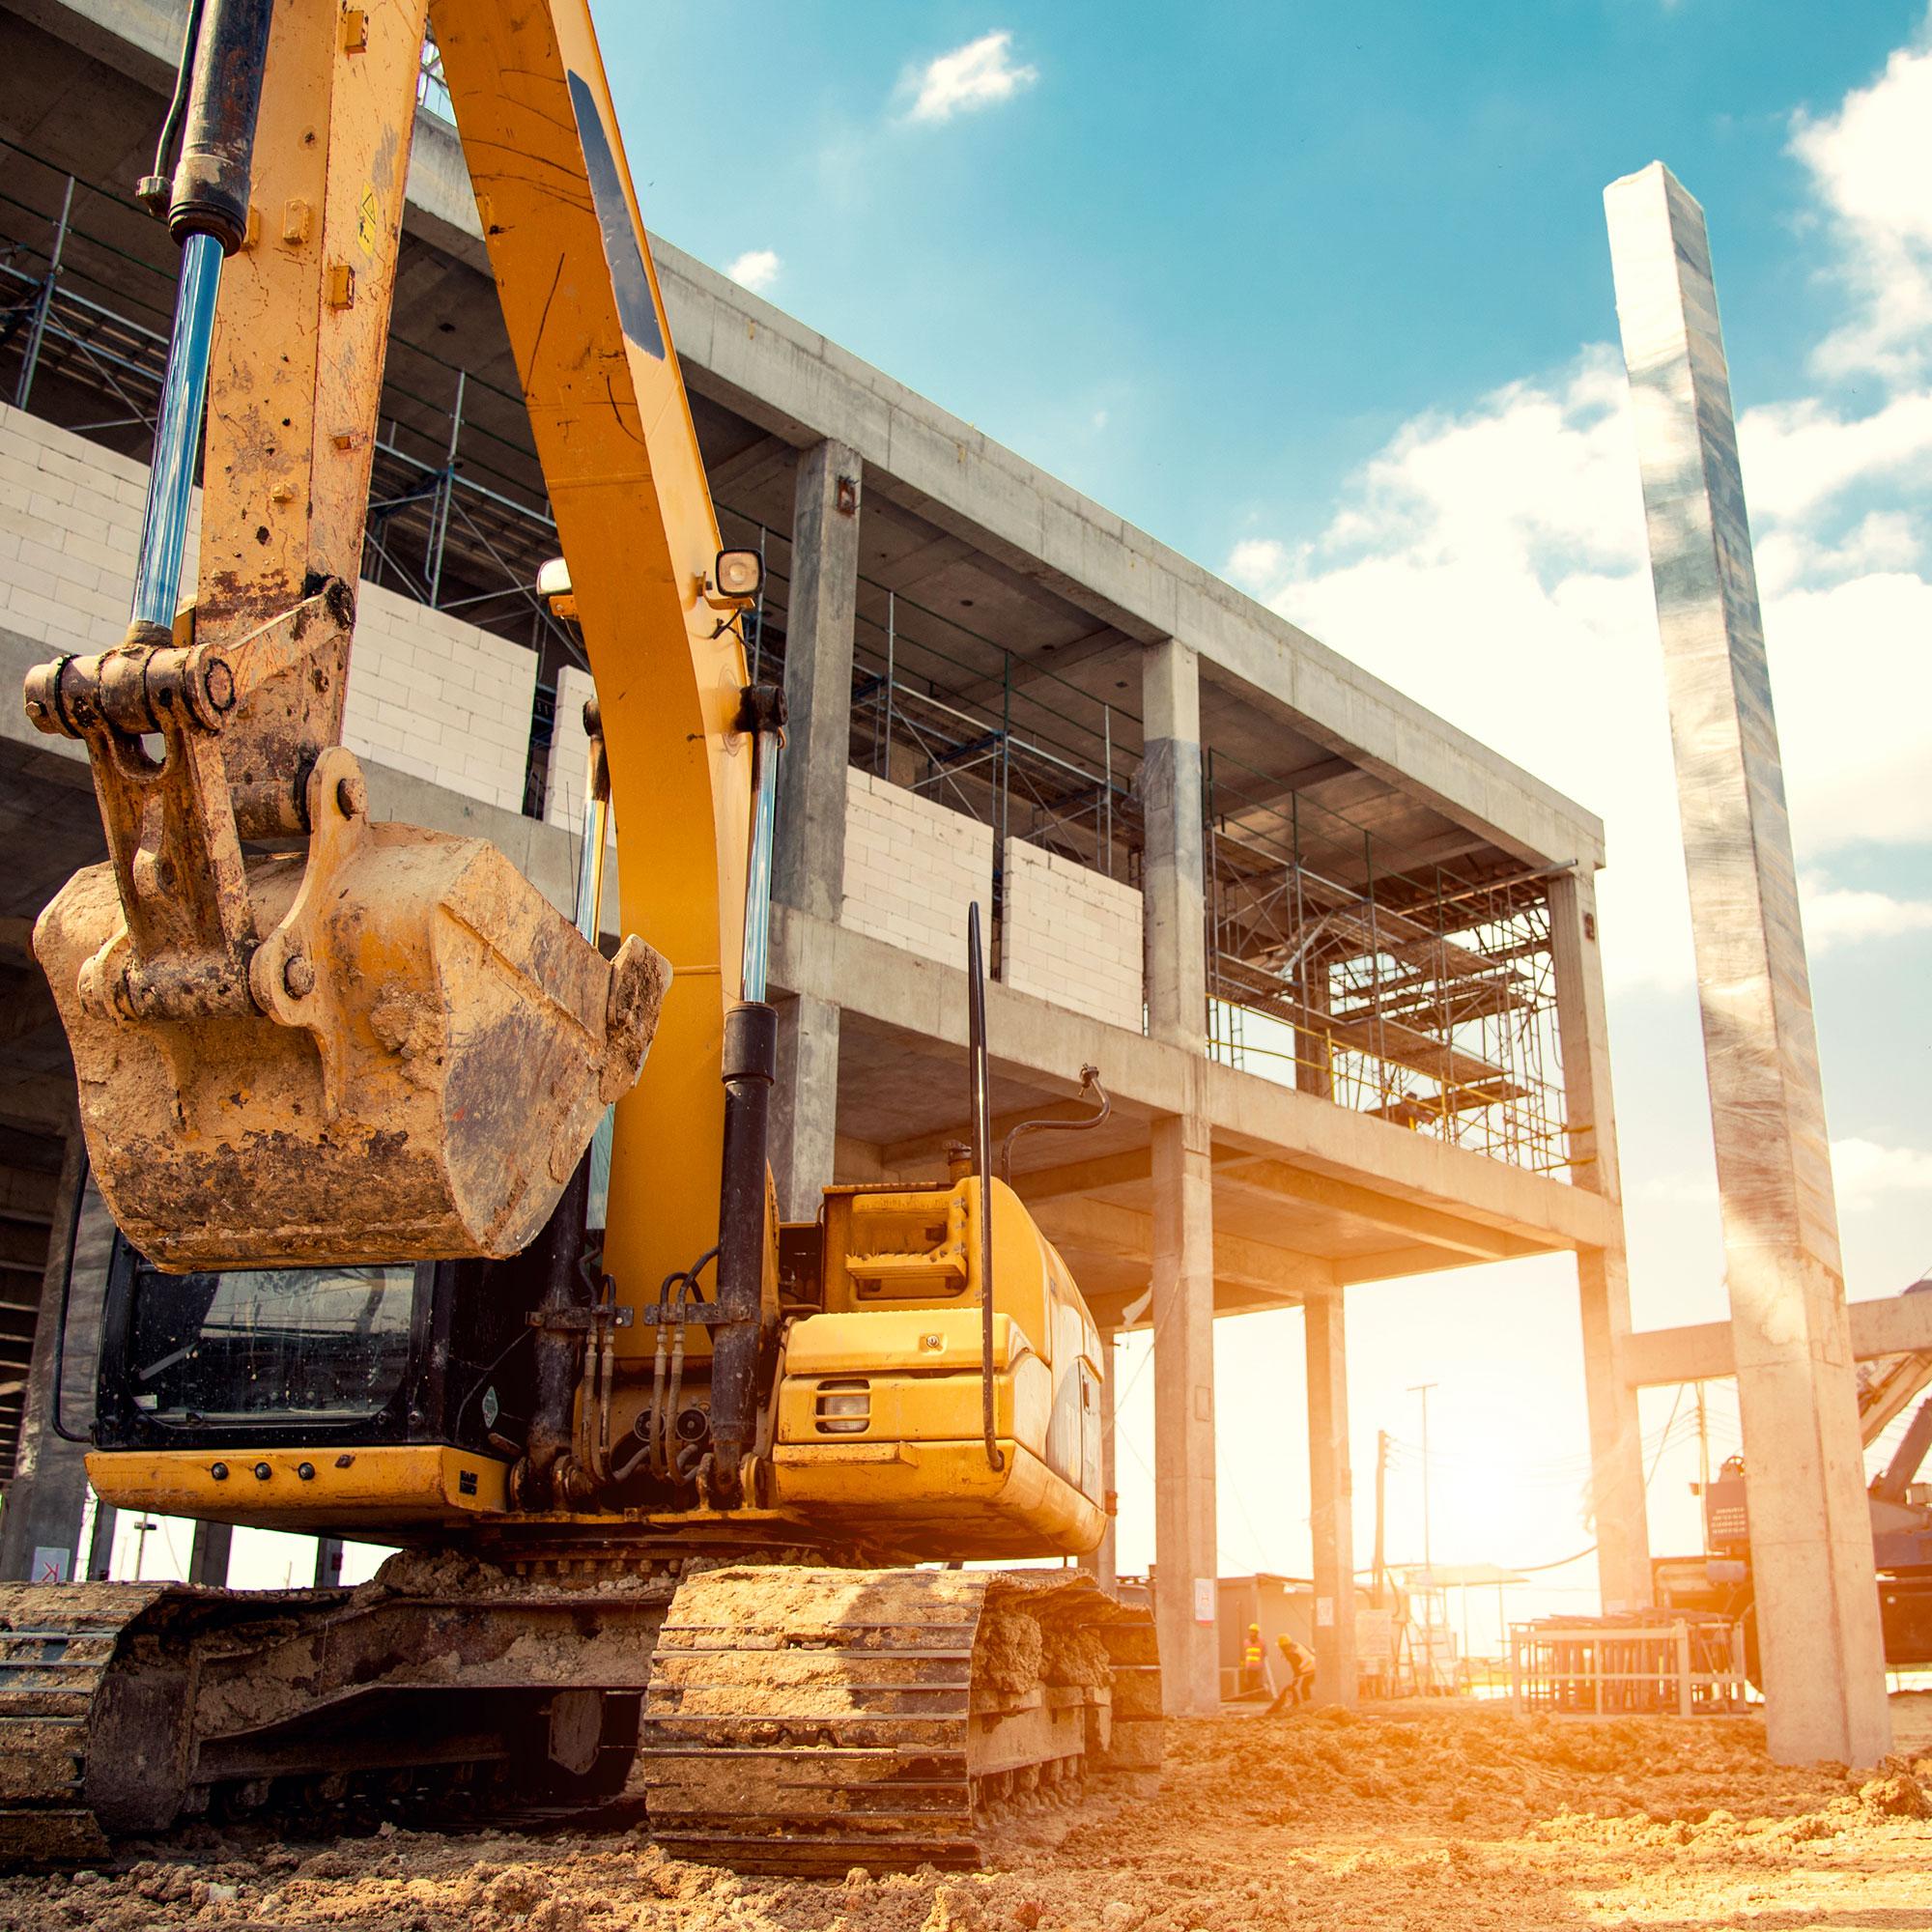 entreprise de sécurité pour Entreprises du BTP et engins de chantier